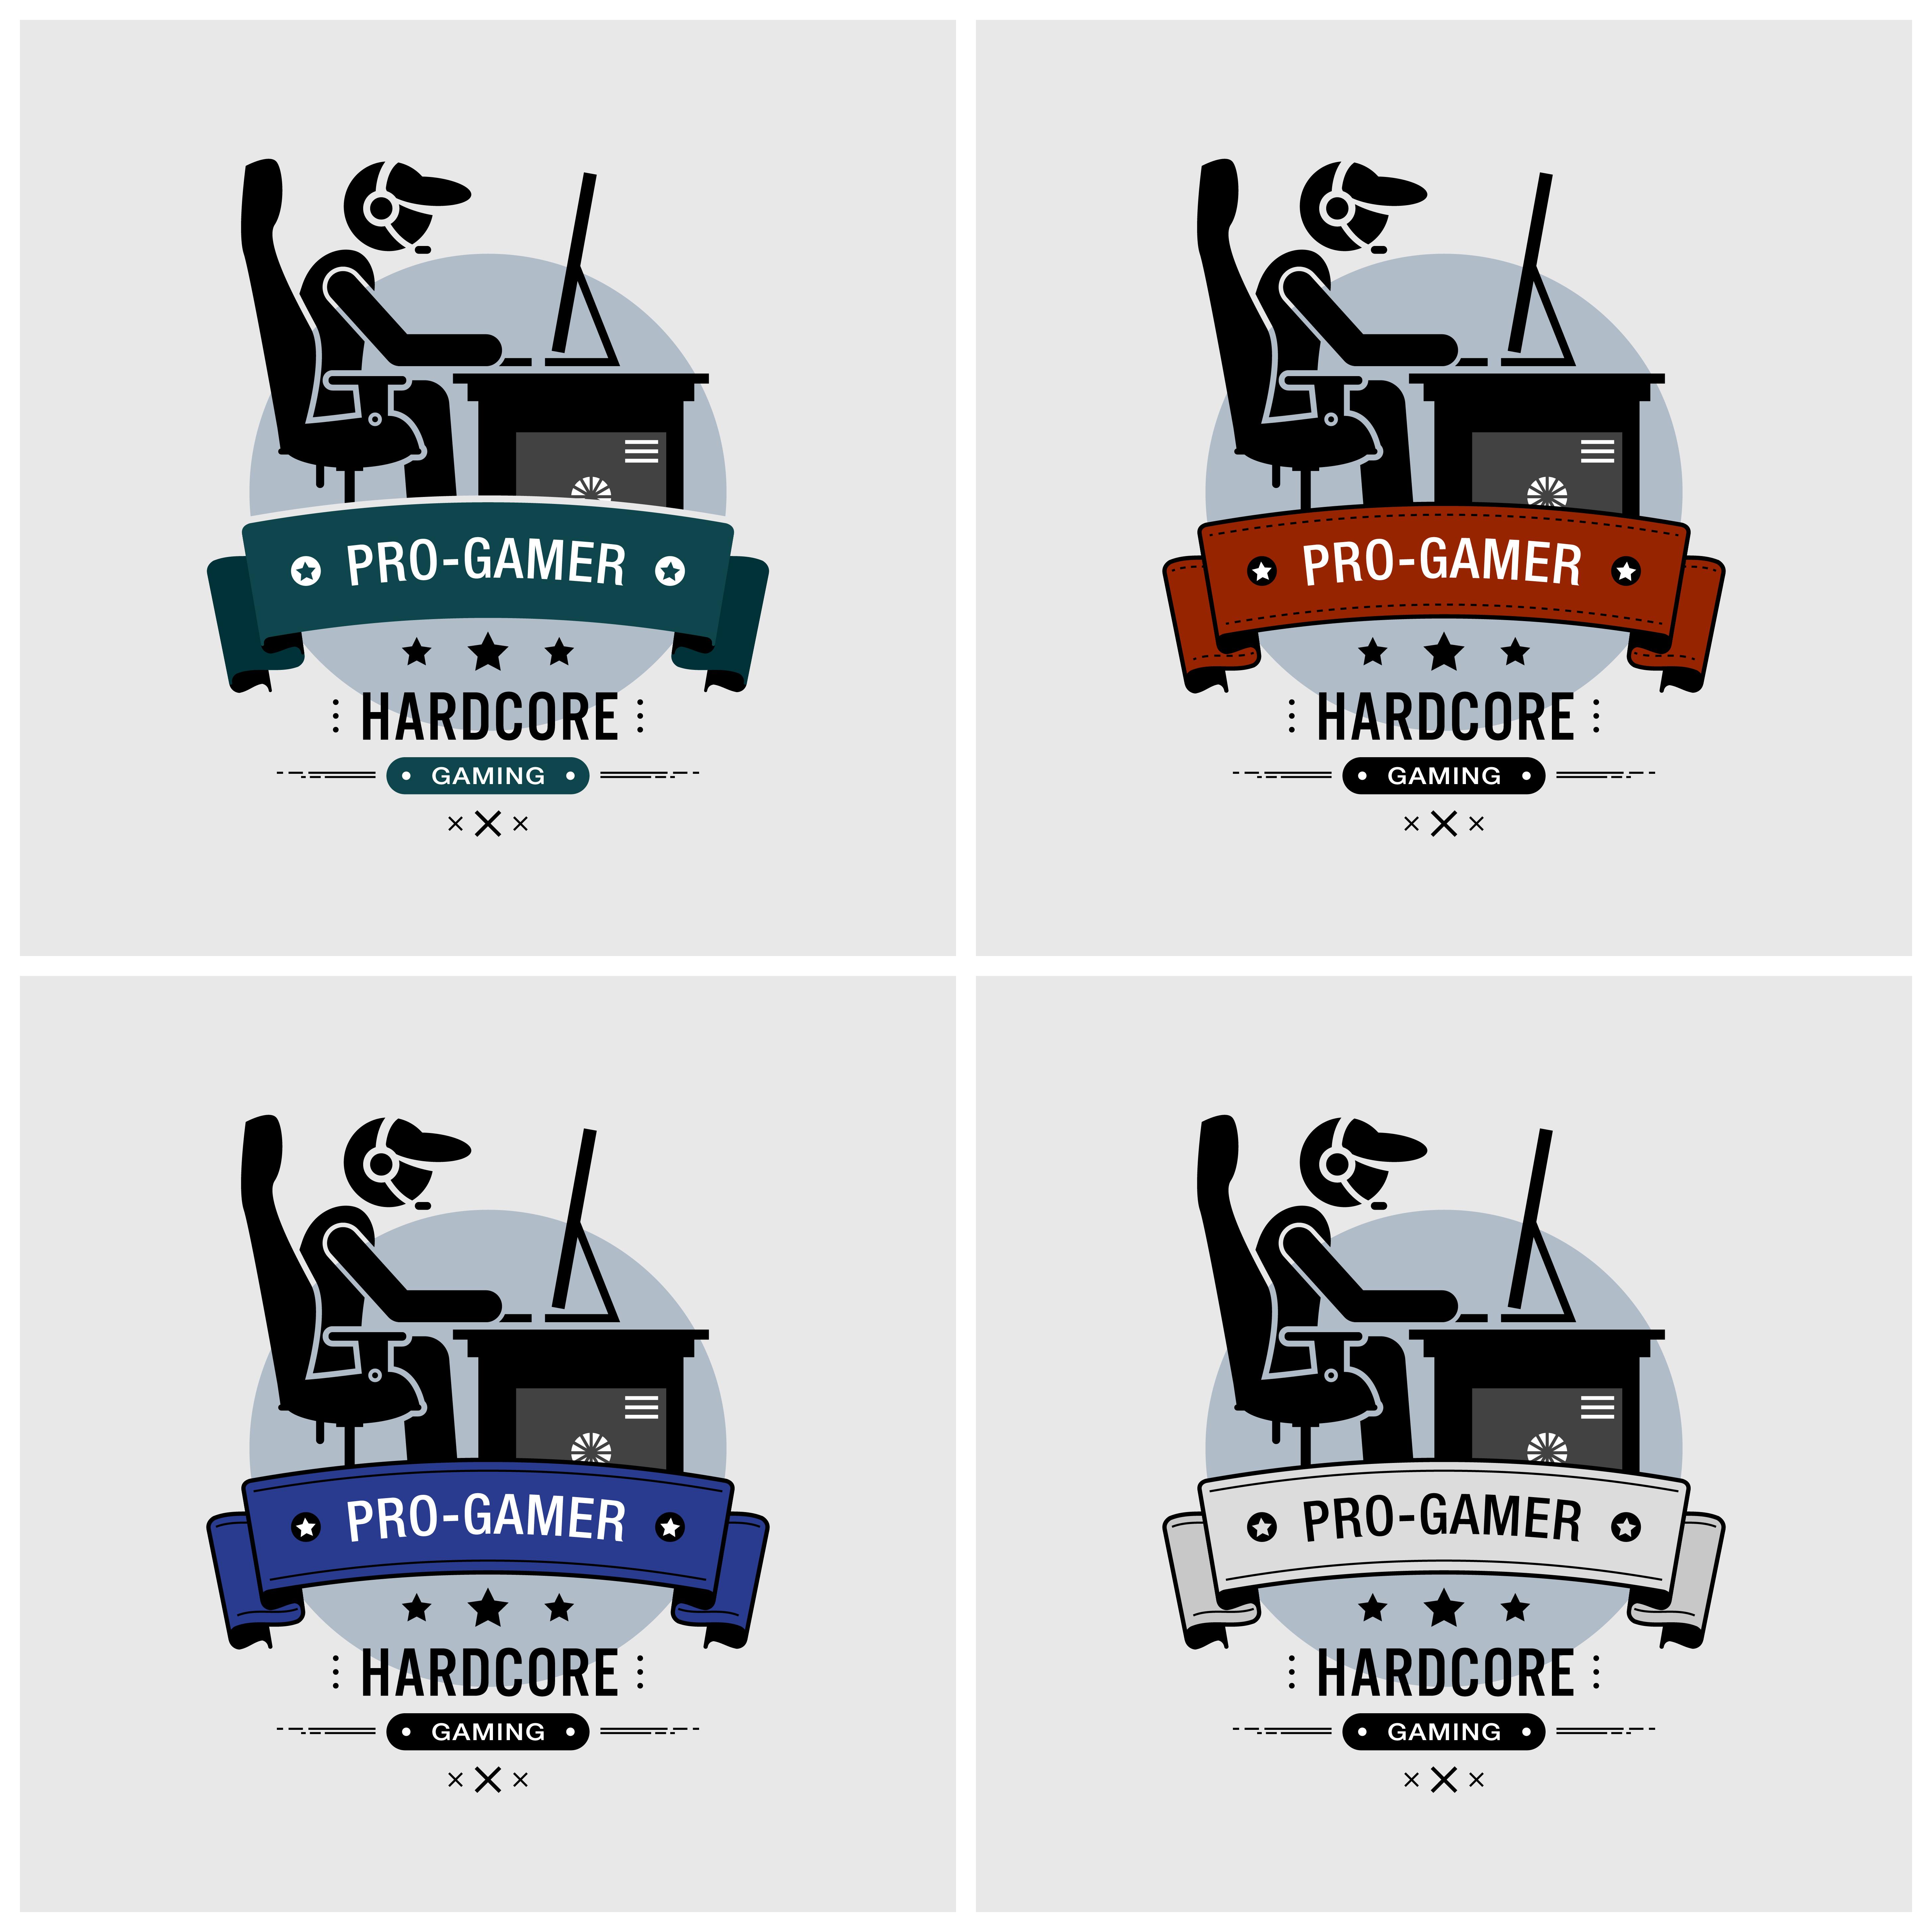 Pro gamer logo design. - Download Free Vectors, Clipart Graphics & Vector Art